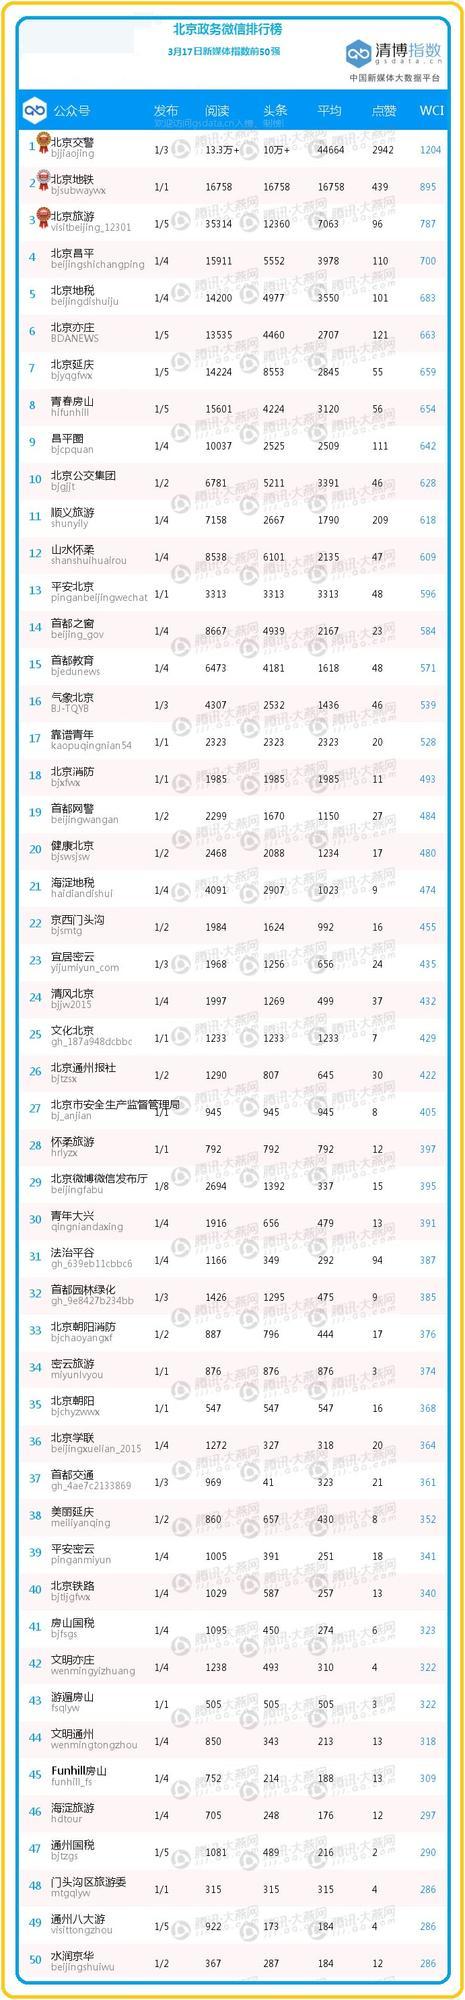 """【日排榜】交通系横扫榜单 """"北京地铁""""大叔绕地球25圈破纪录获亚军"""